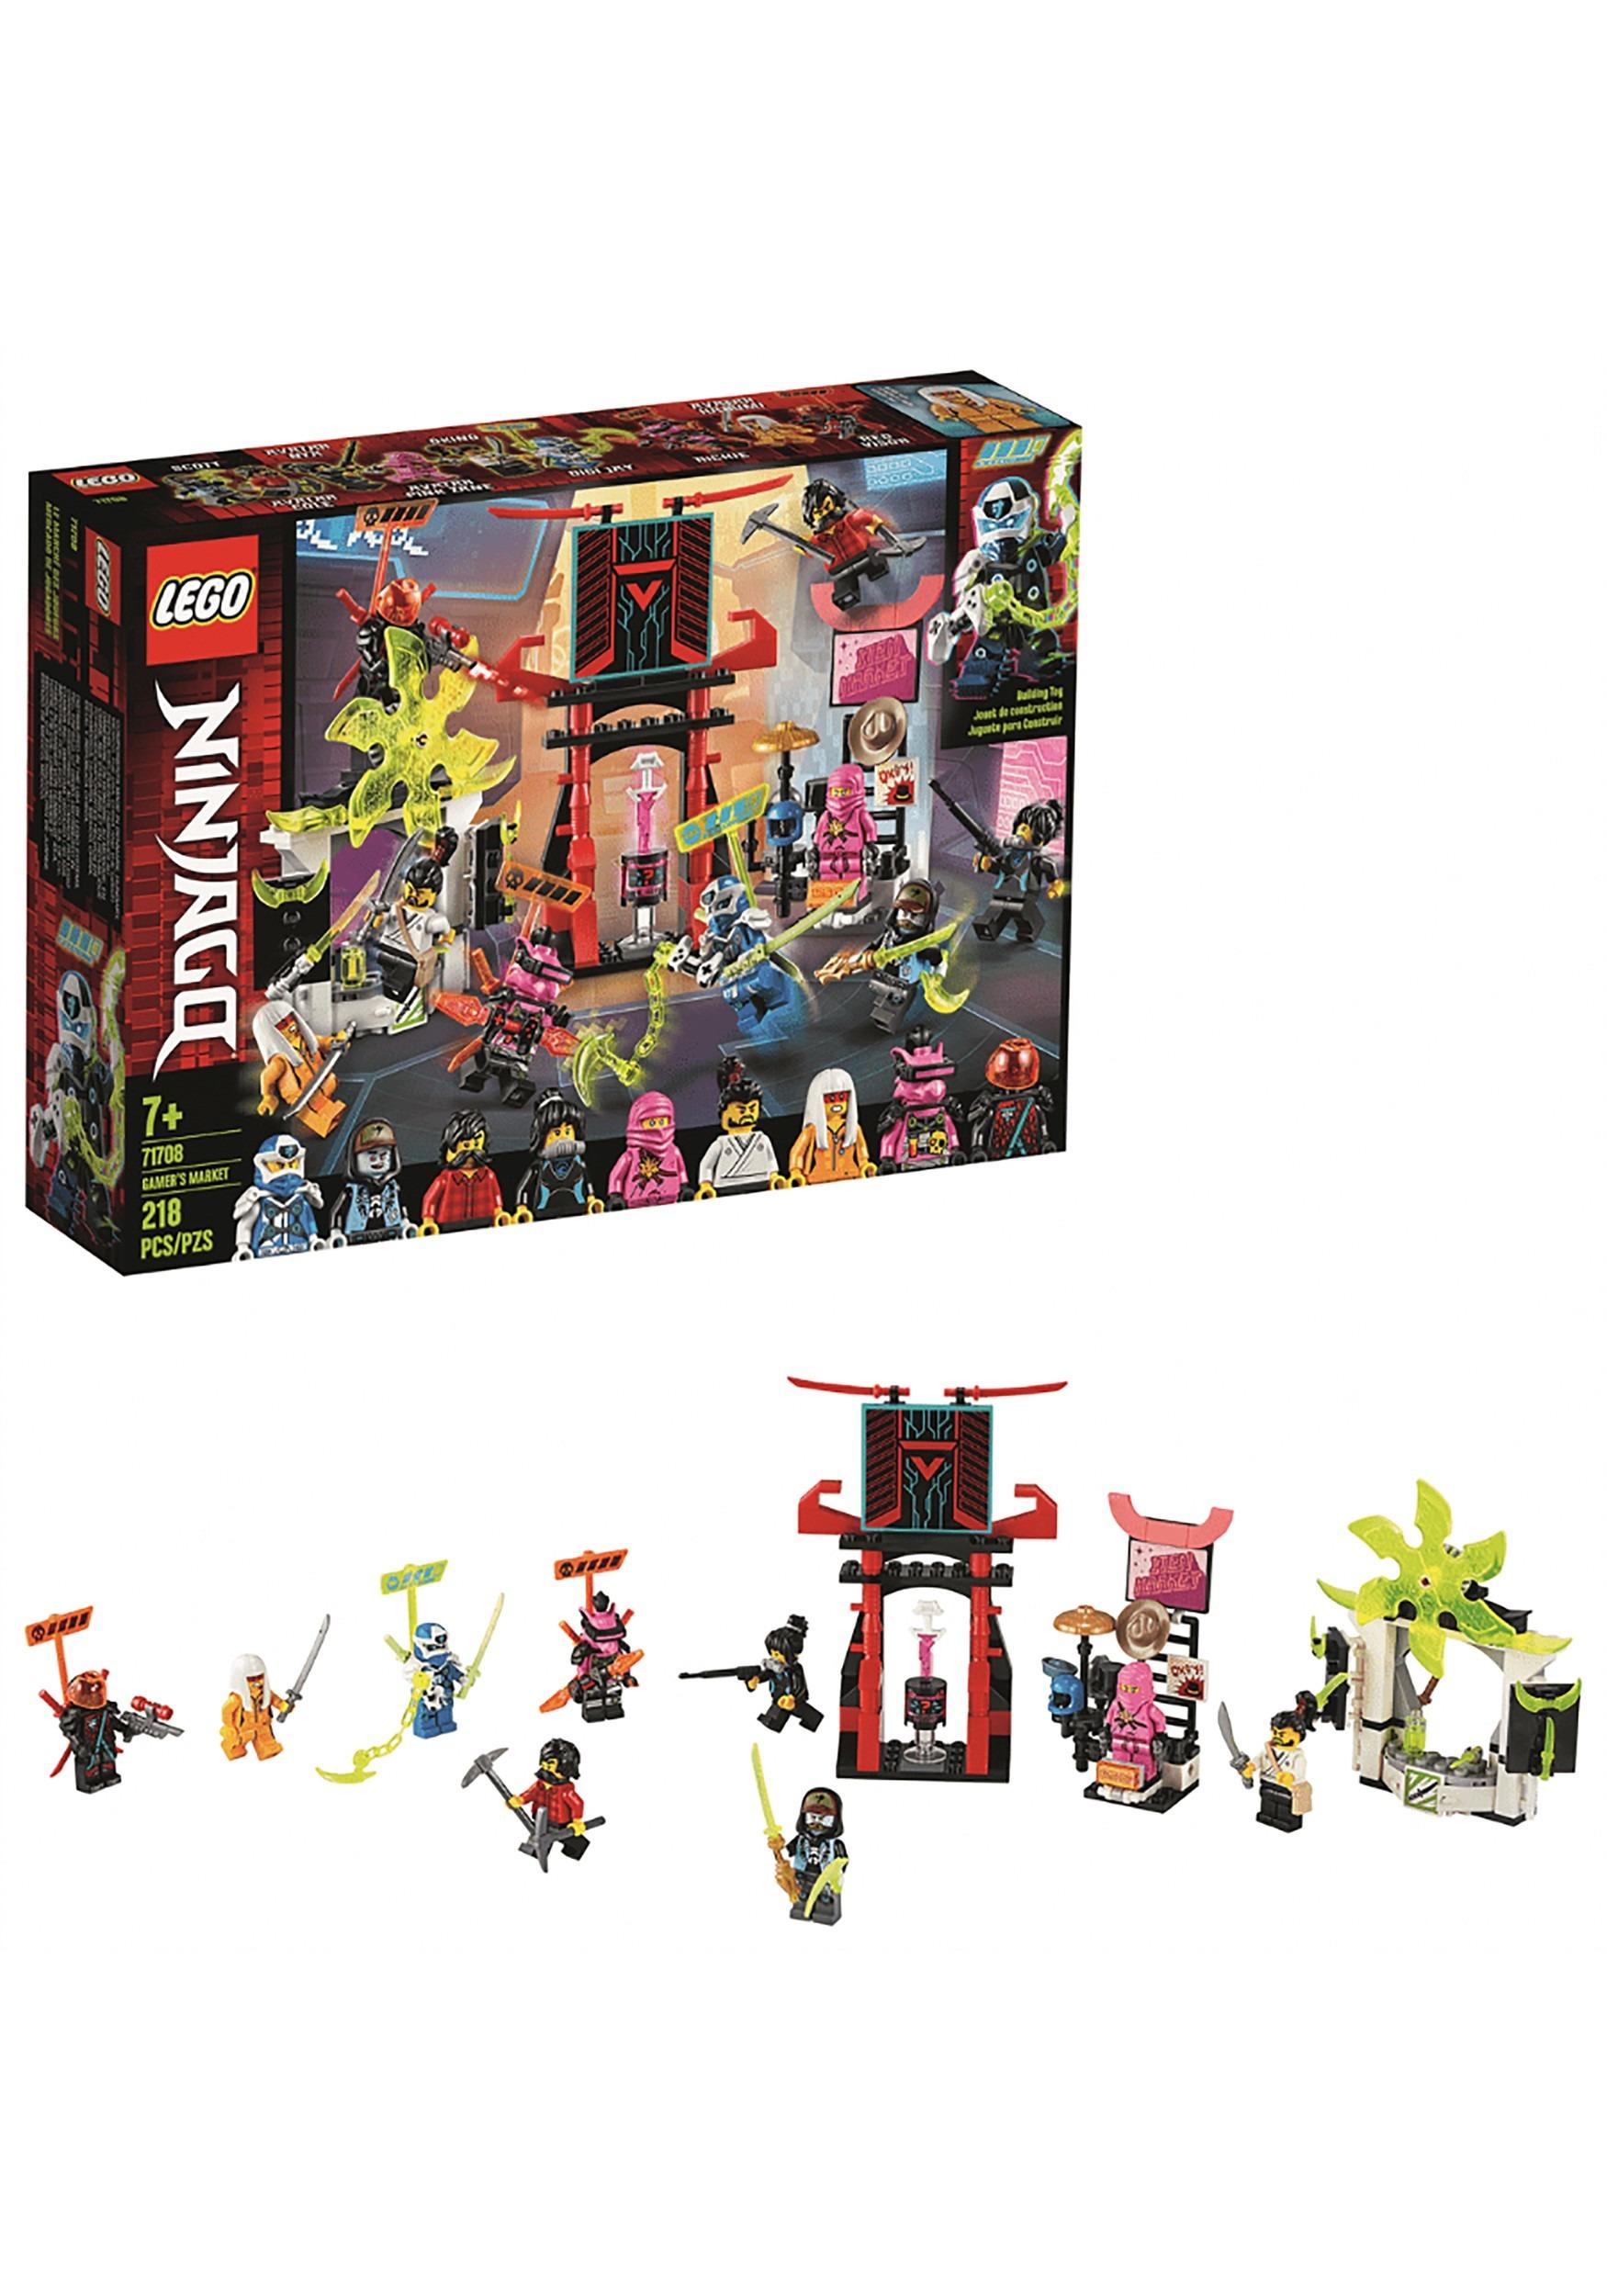 Ninjago LEGO Gamer's Market Building Set